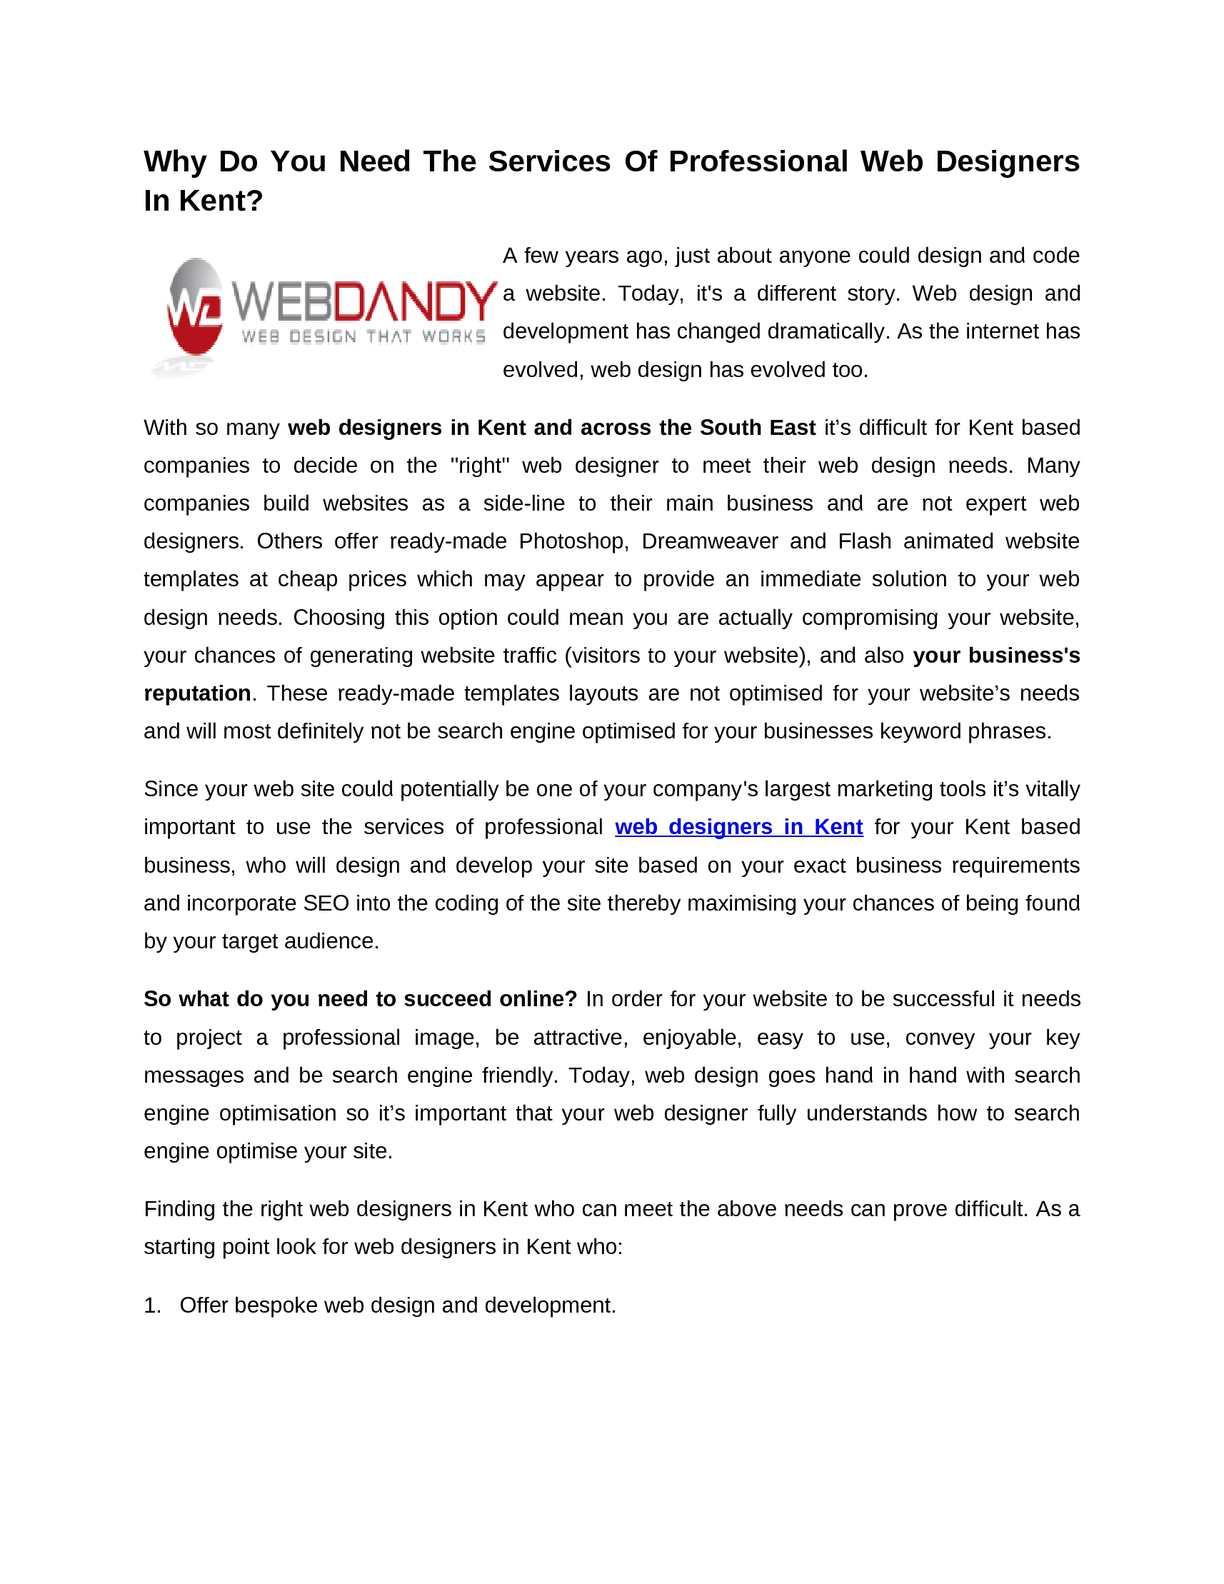 Calameo Web Designers In Kent